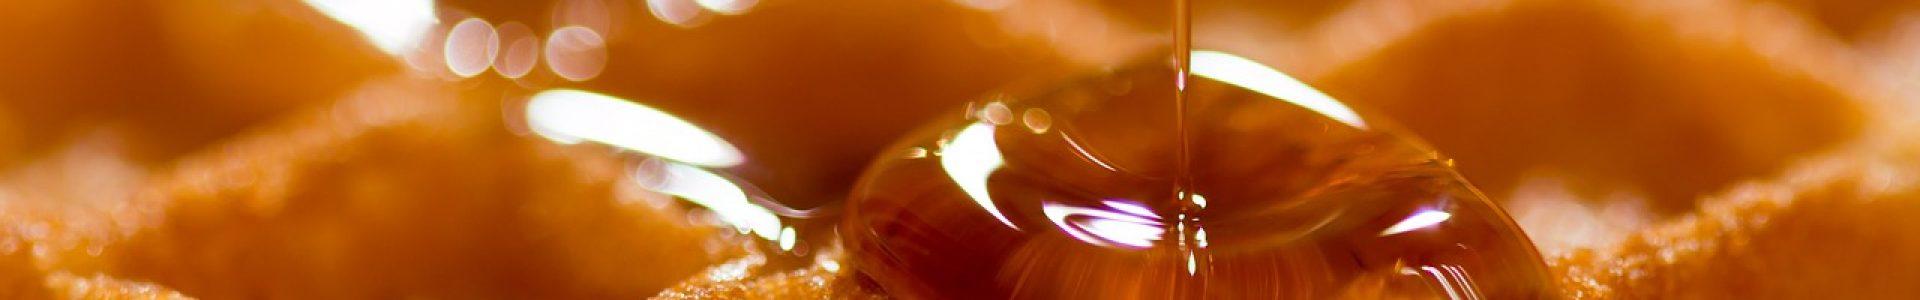 waffle, belgian, syrup